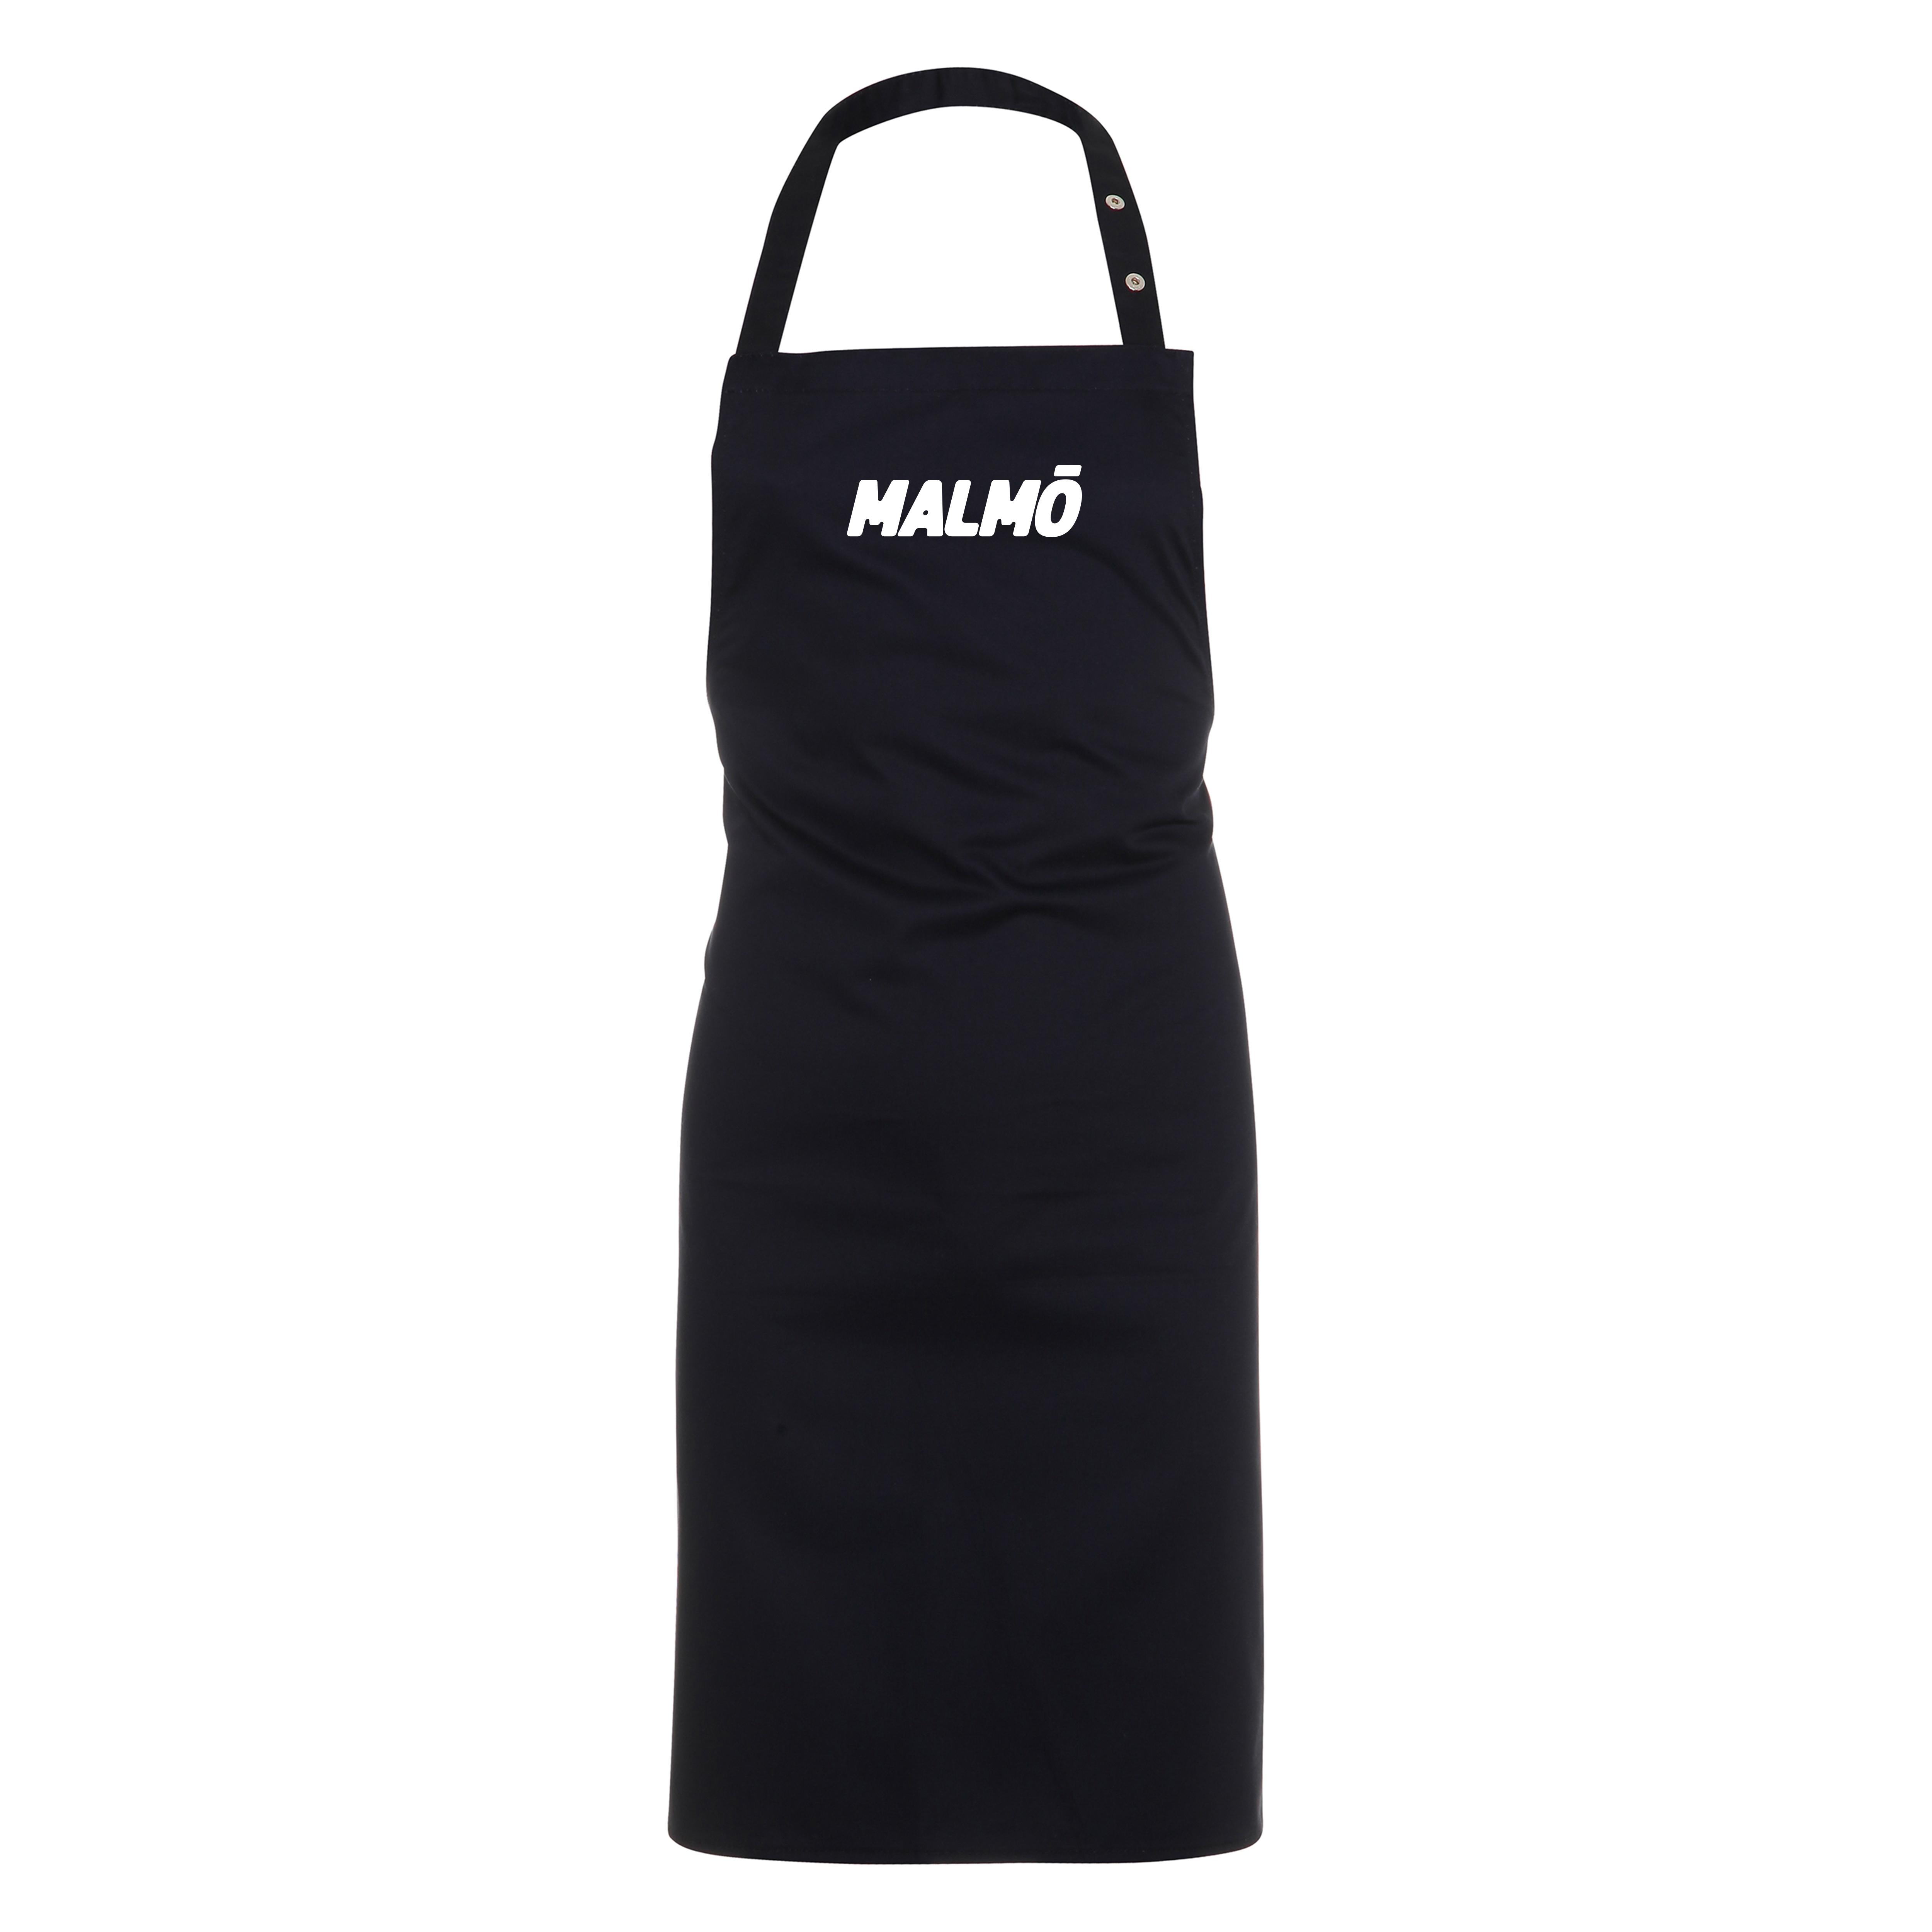 MALMÖ - Förkläde Navy